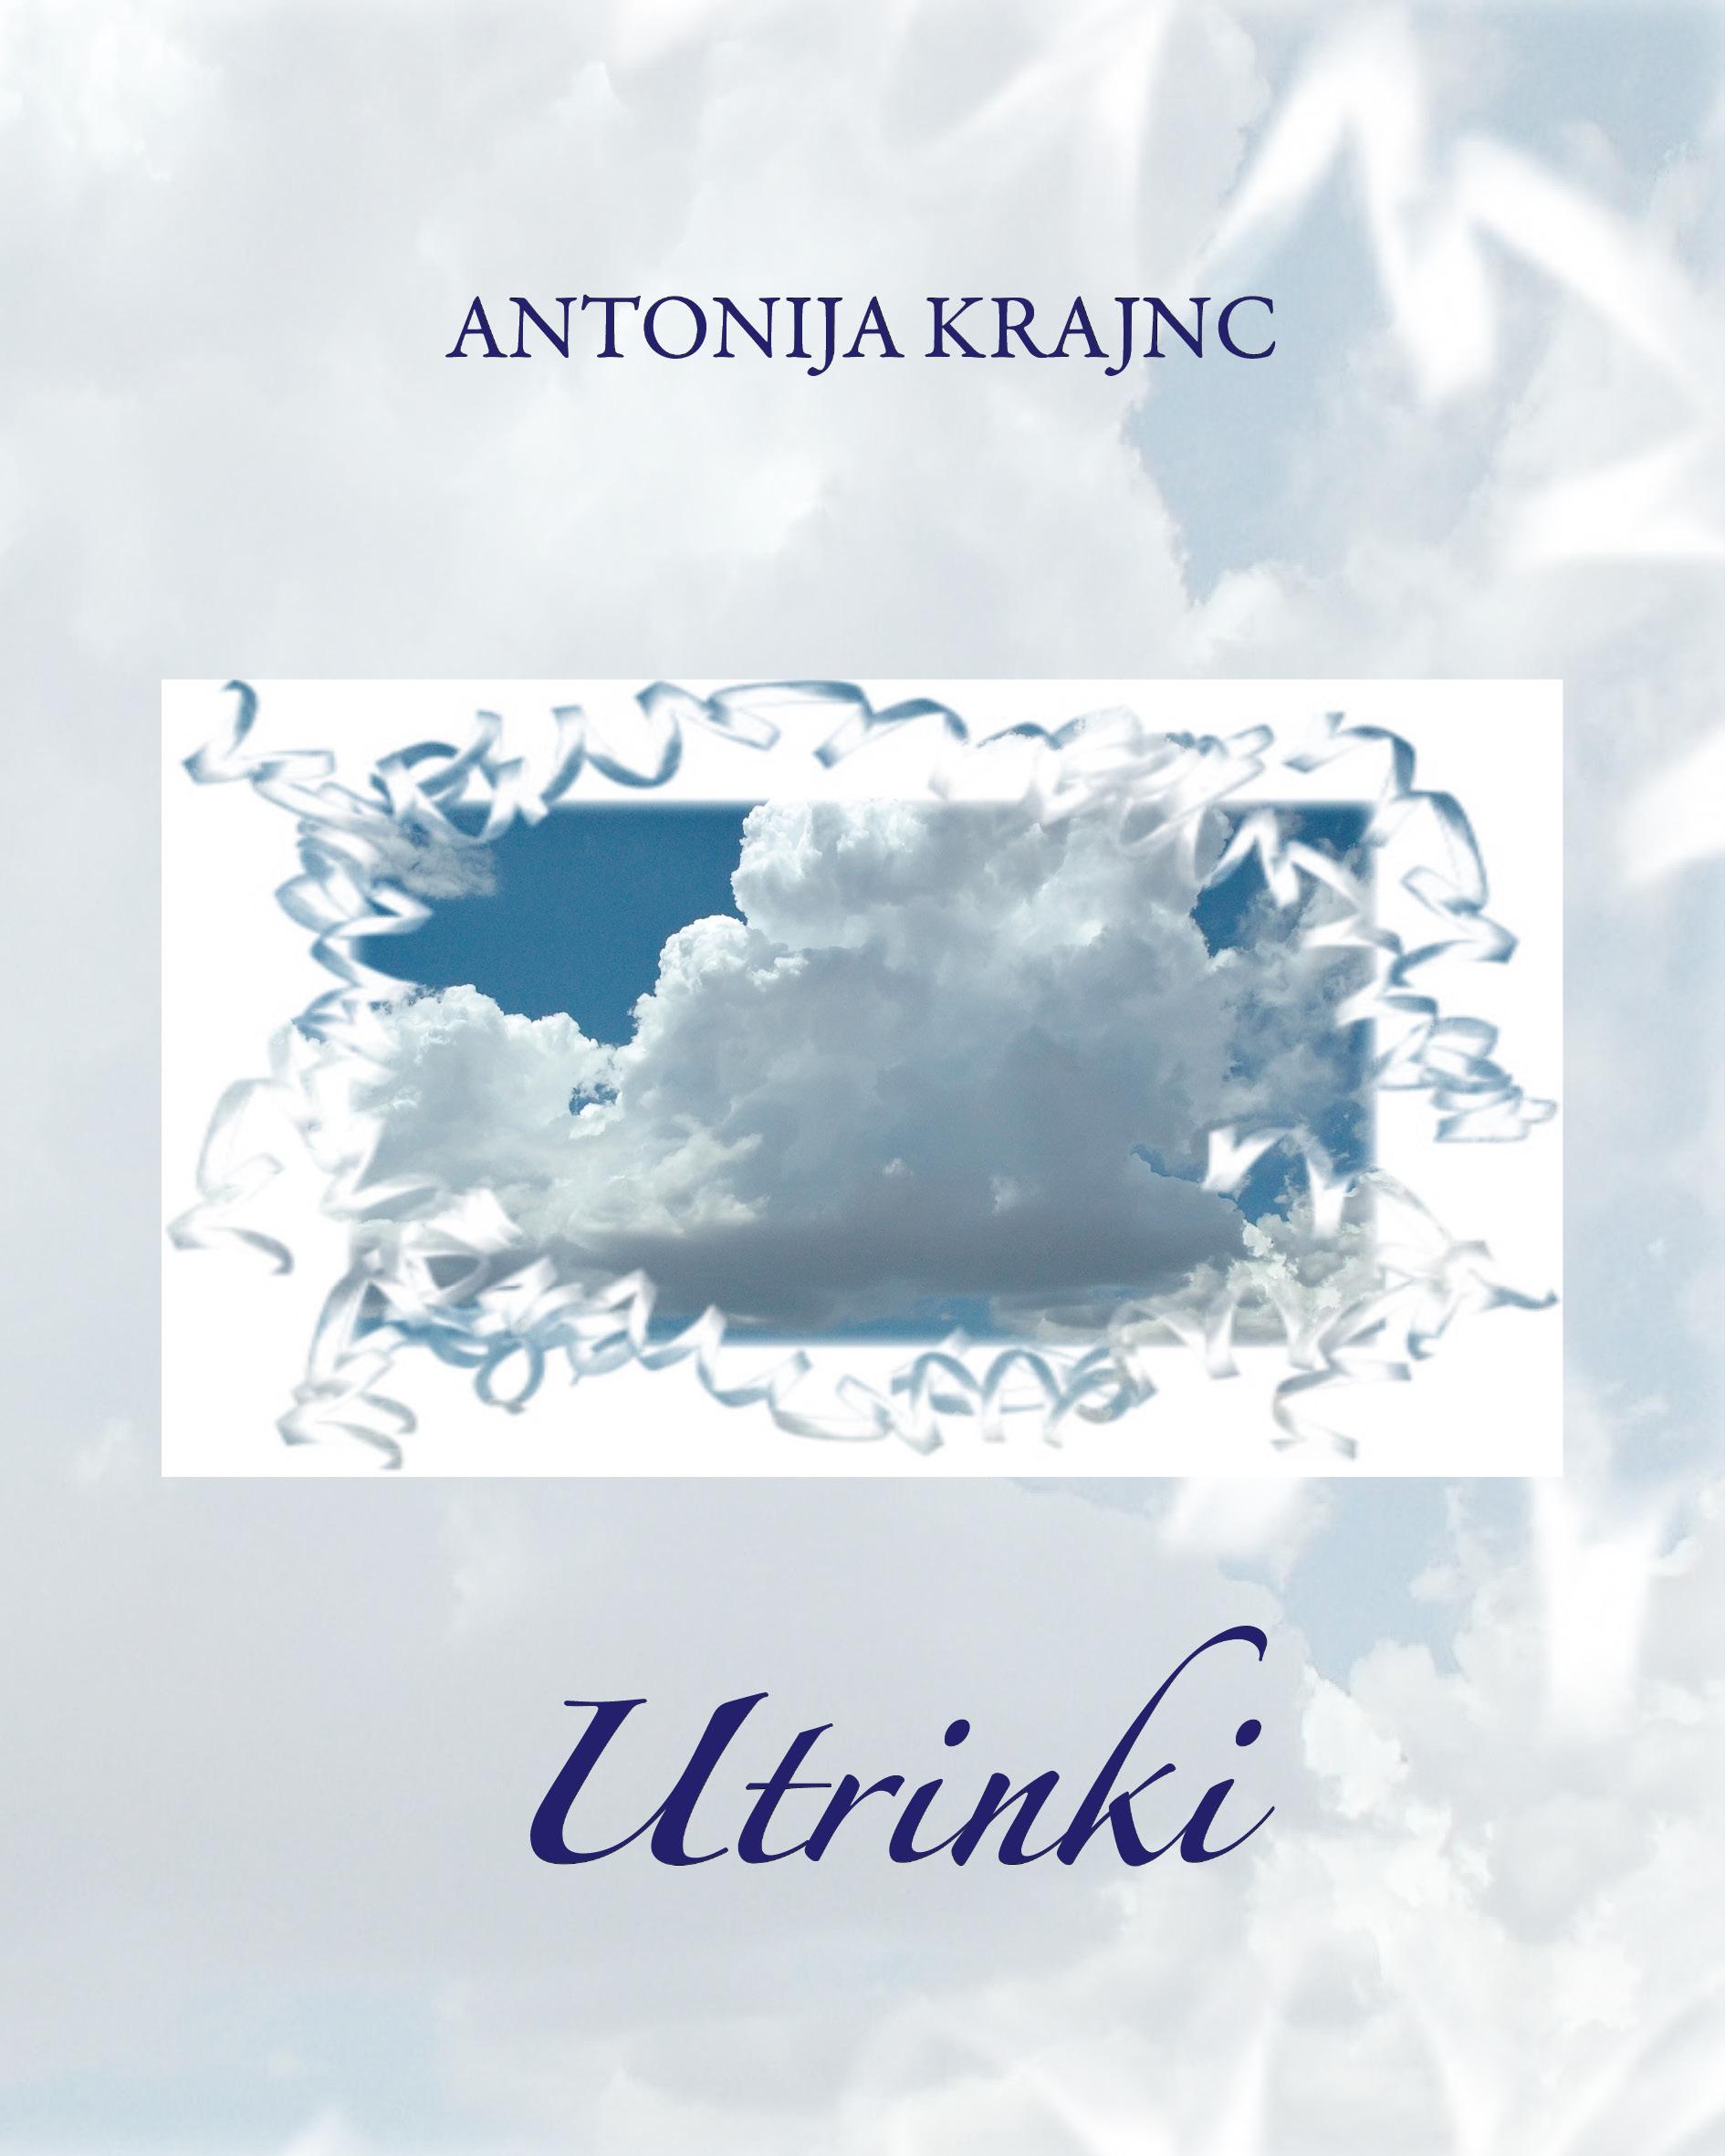 utrinki-pz-09_11